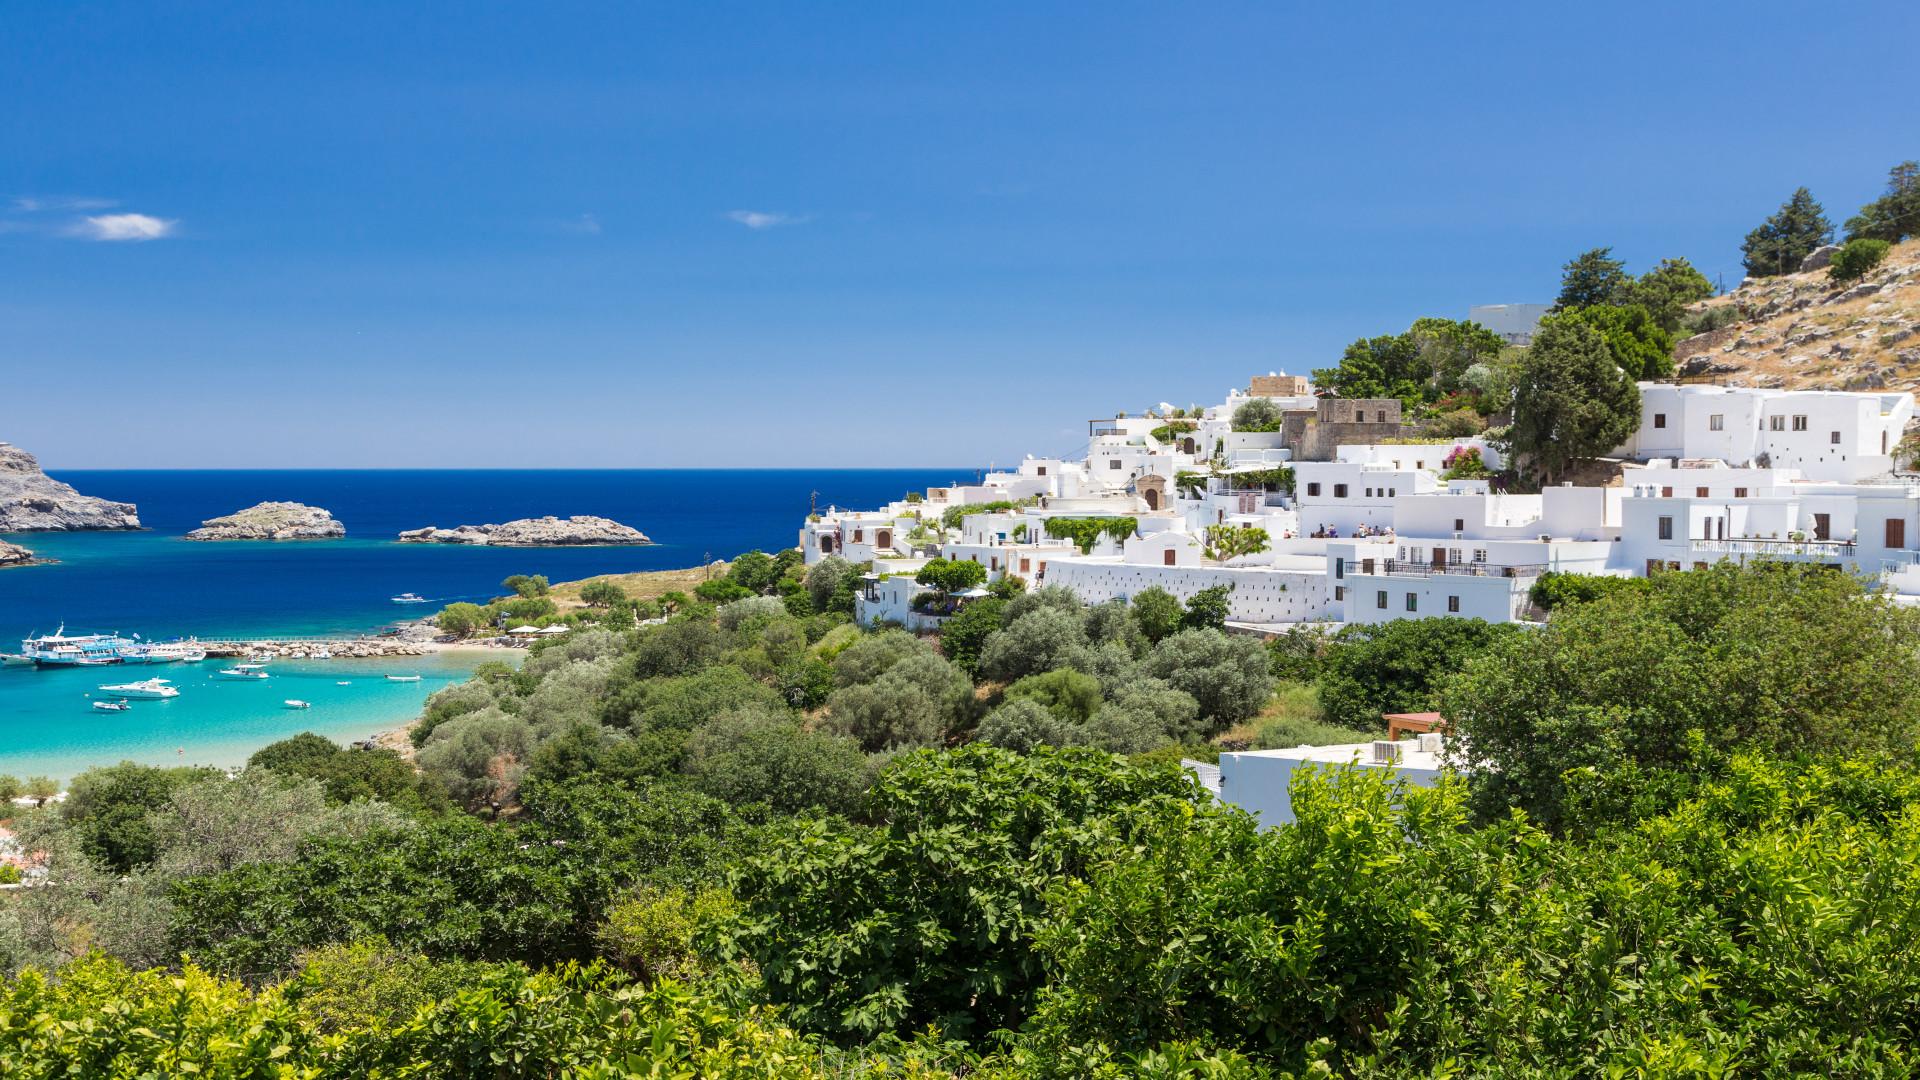 Lindos, Rhodos, Griekenland, heuvel met witte huisjes en groene bomen